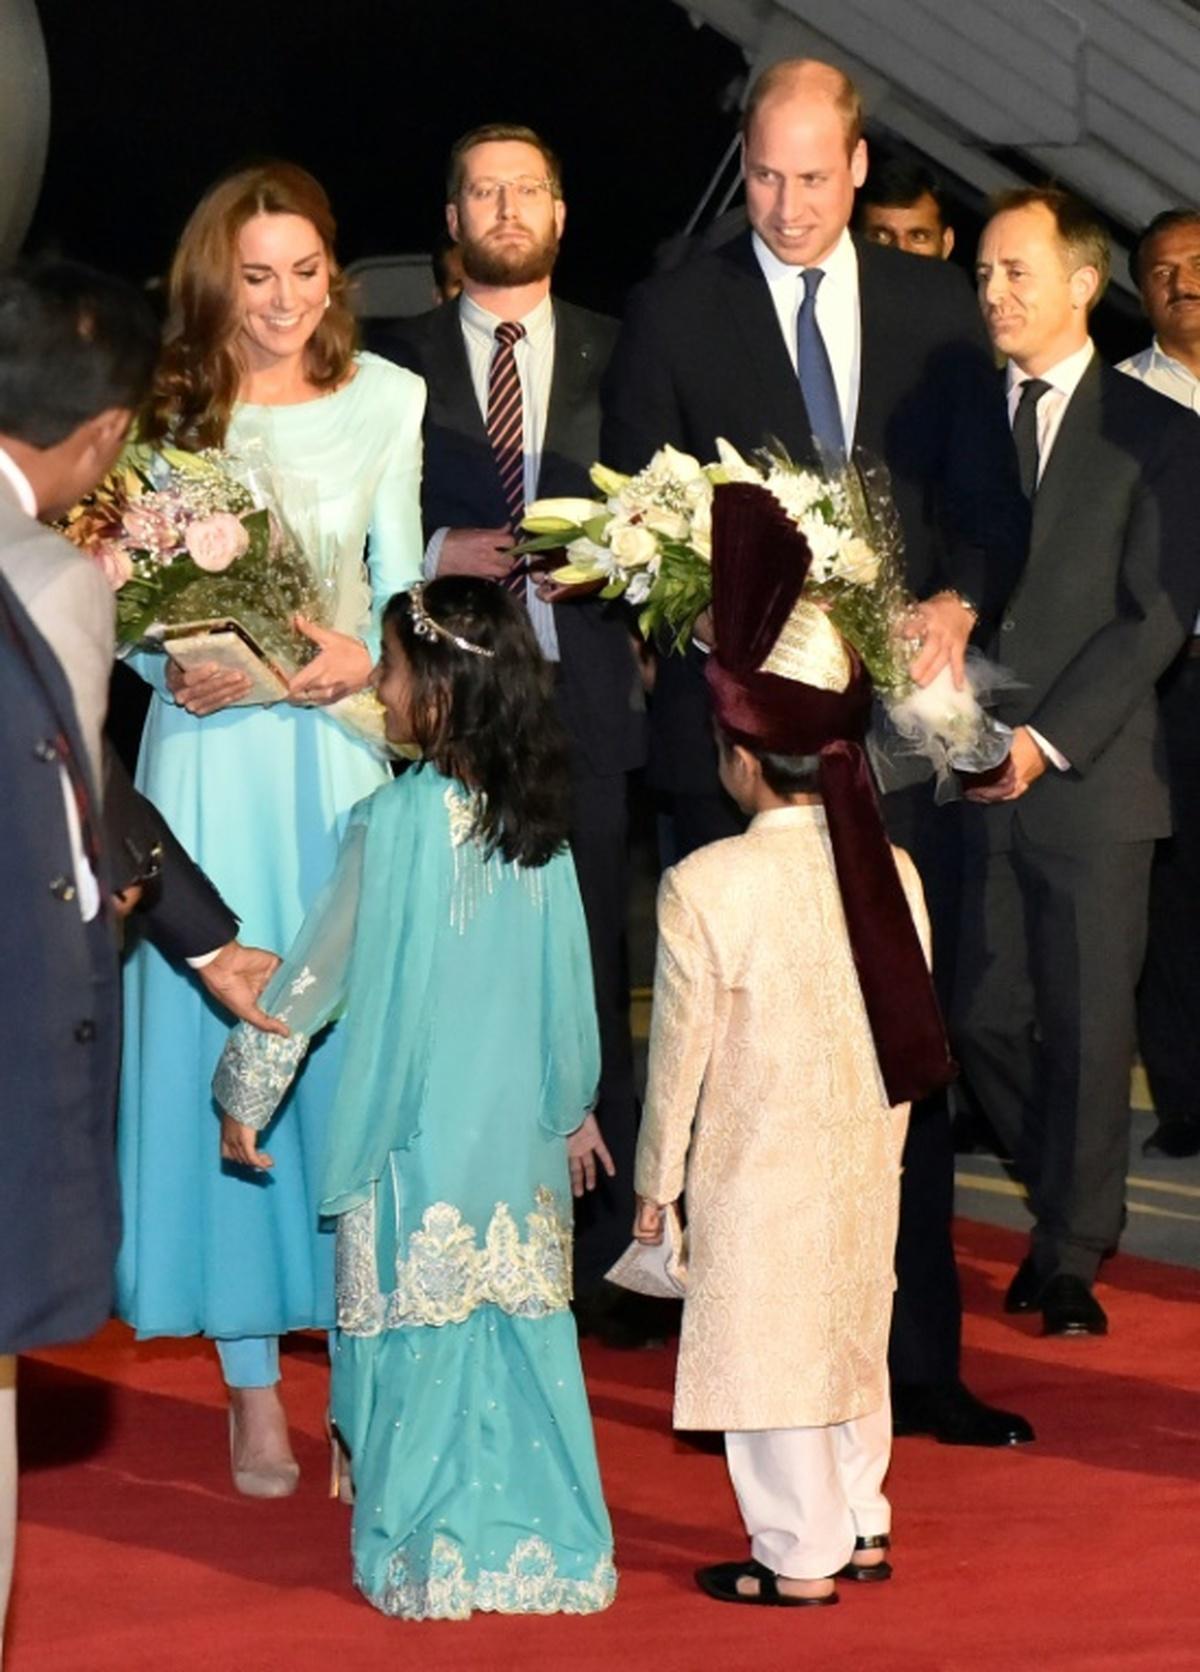 سفر عروس ملکه به پاکستان توجه رسانه ها به شلوارپوشی کیت مدیلتون